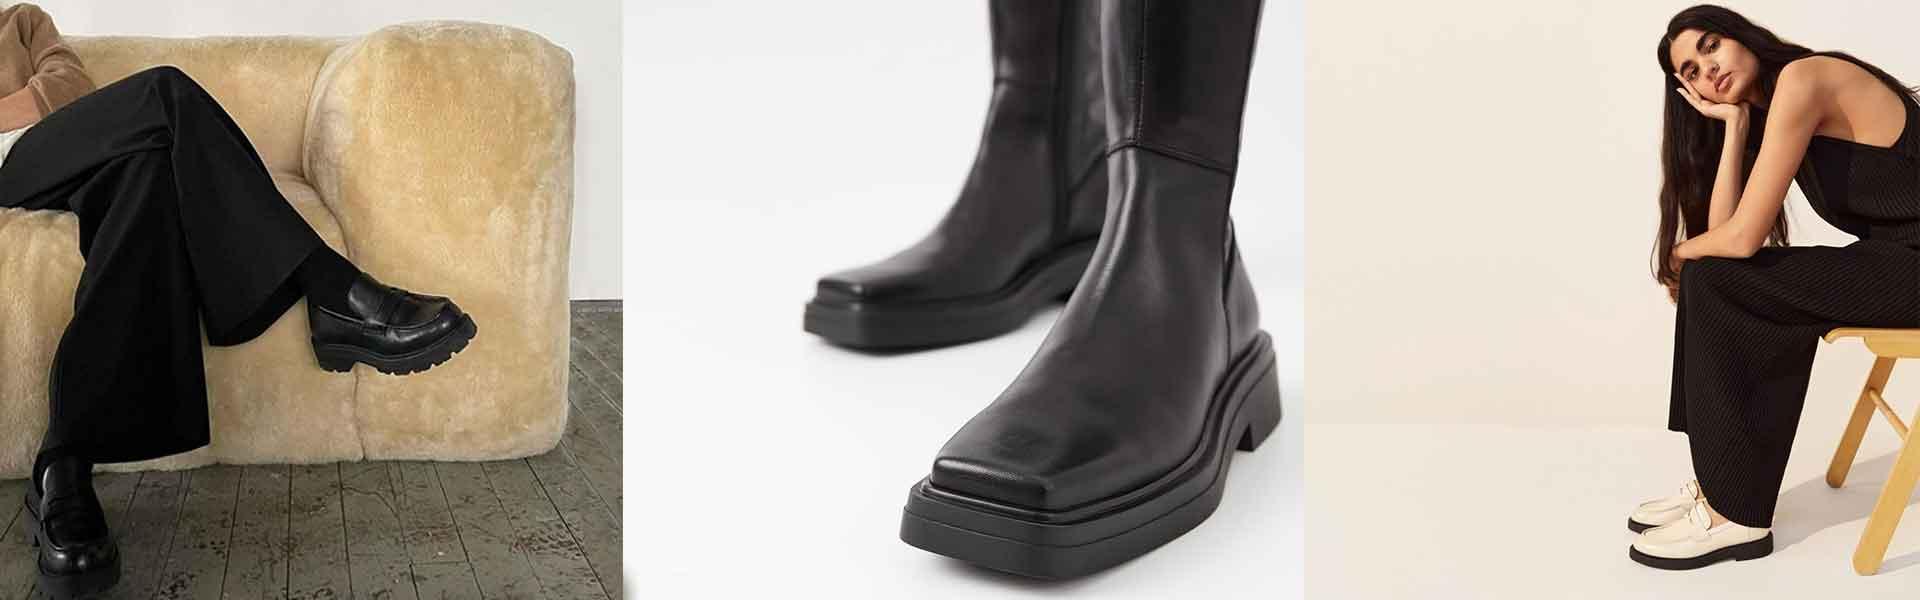 schoenen Vagabond